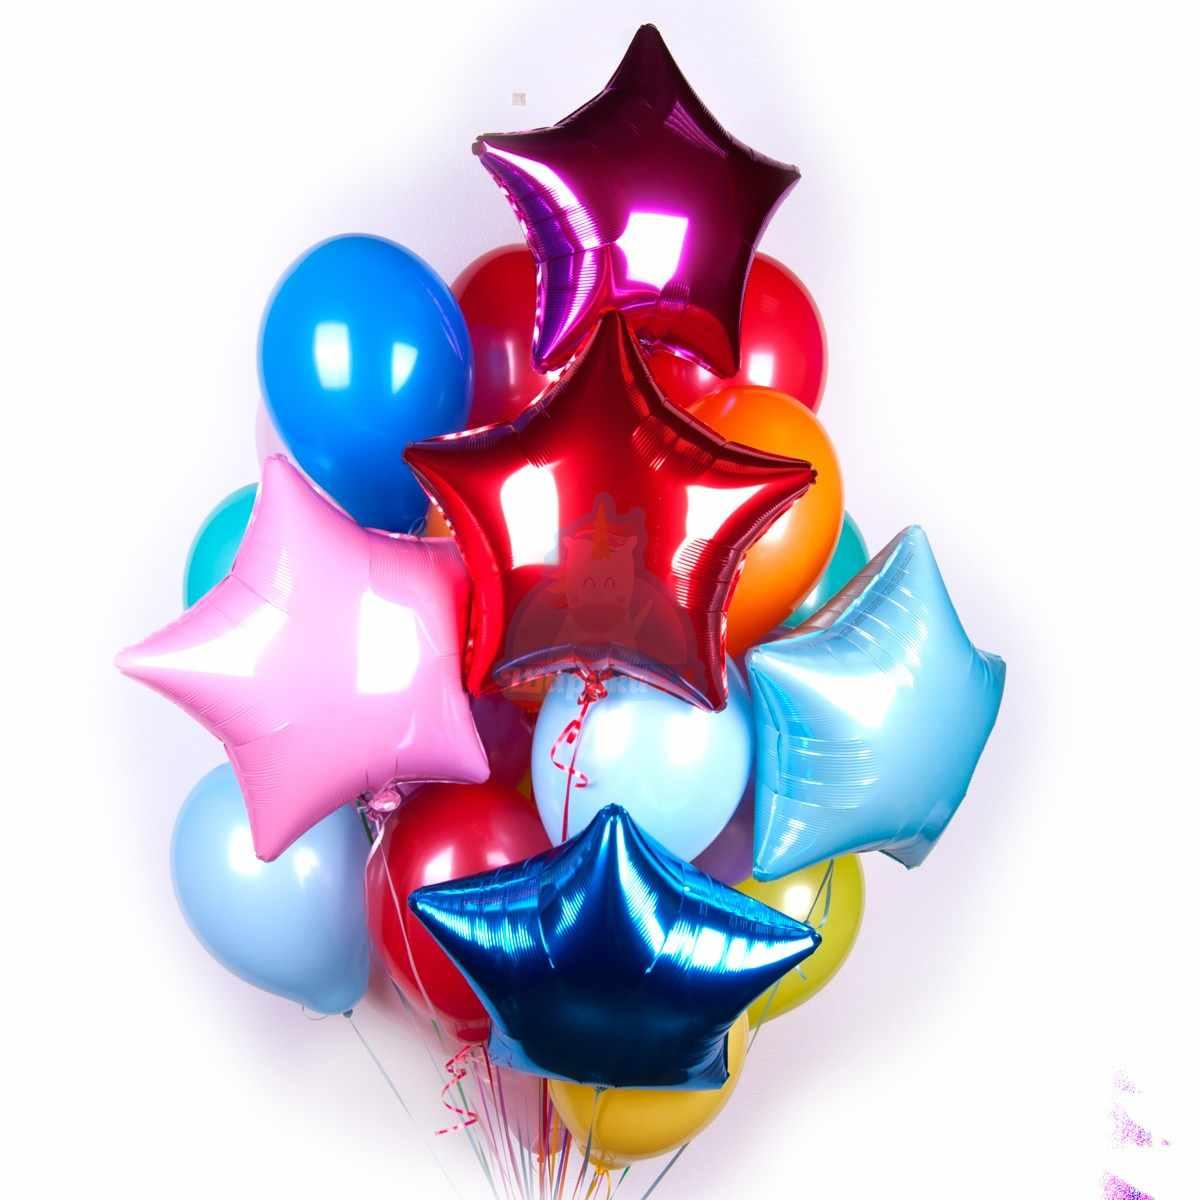 120 Разноцветных шариков со звездами фото в интернет-магазине Шарики 24